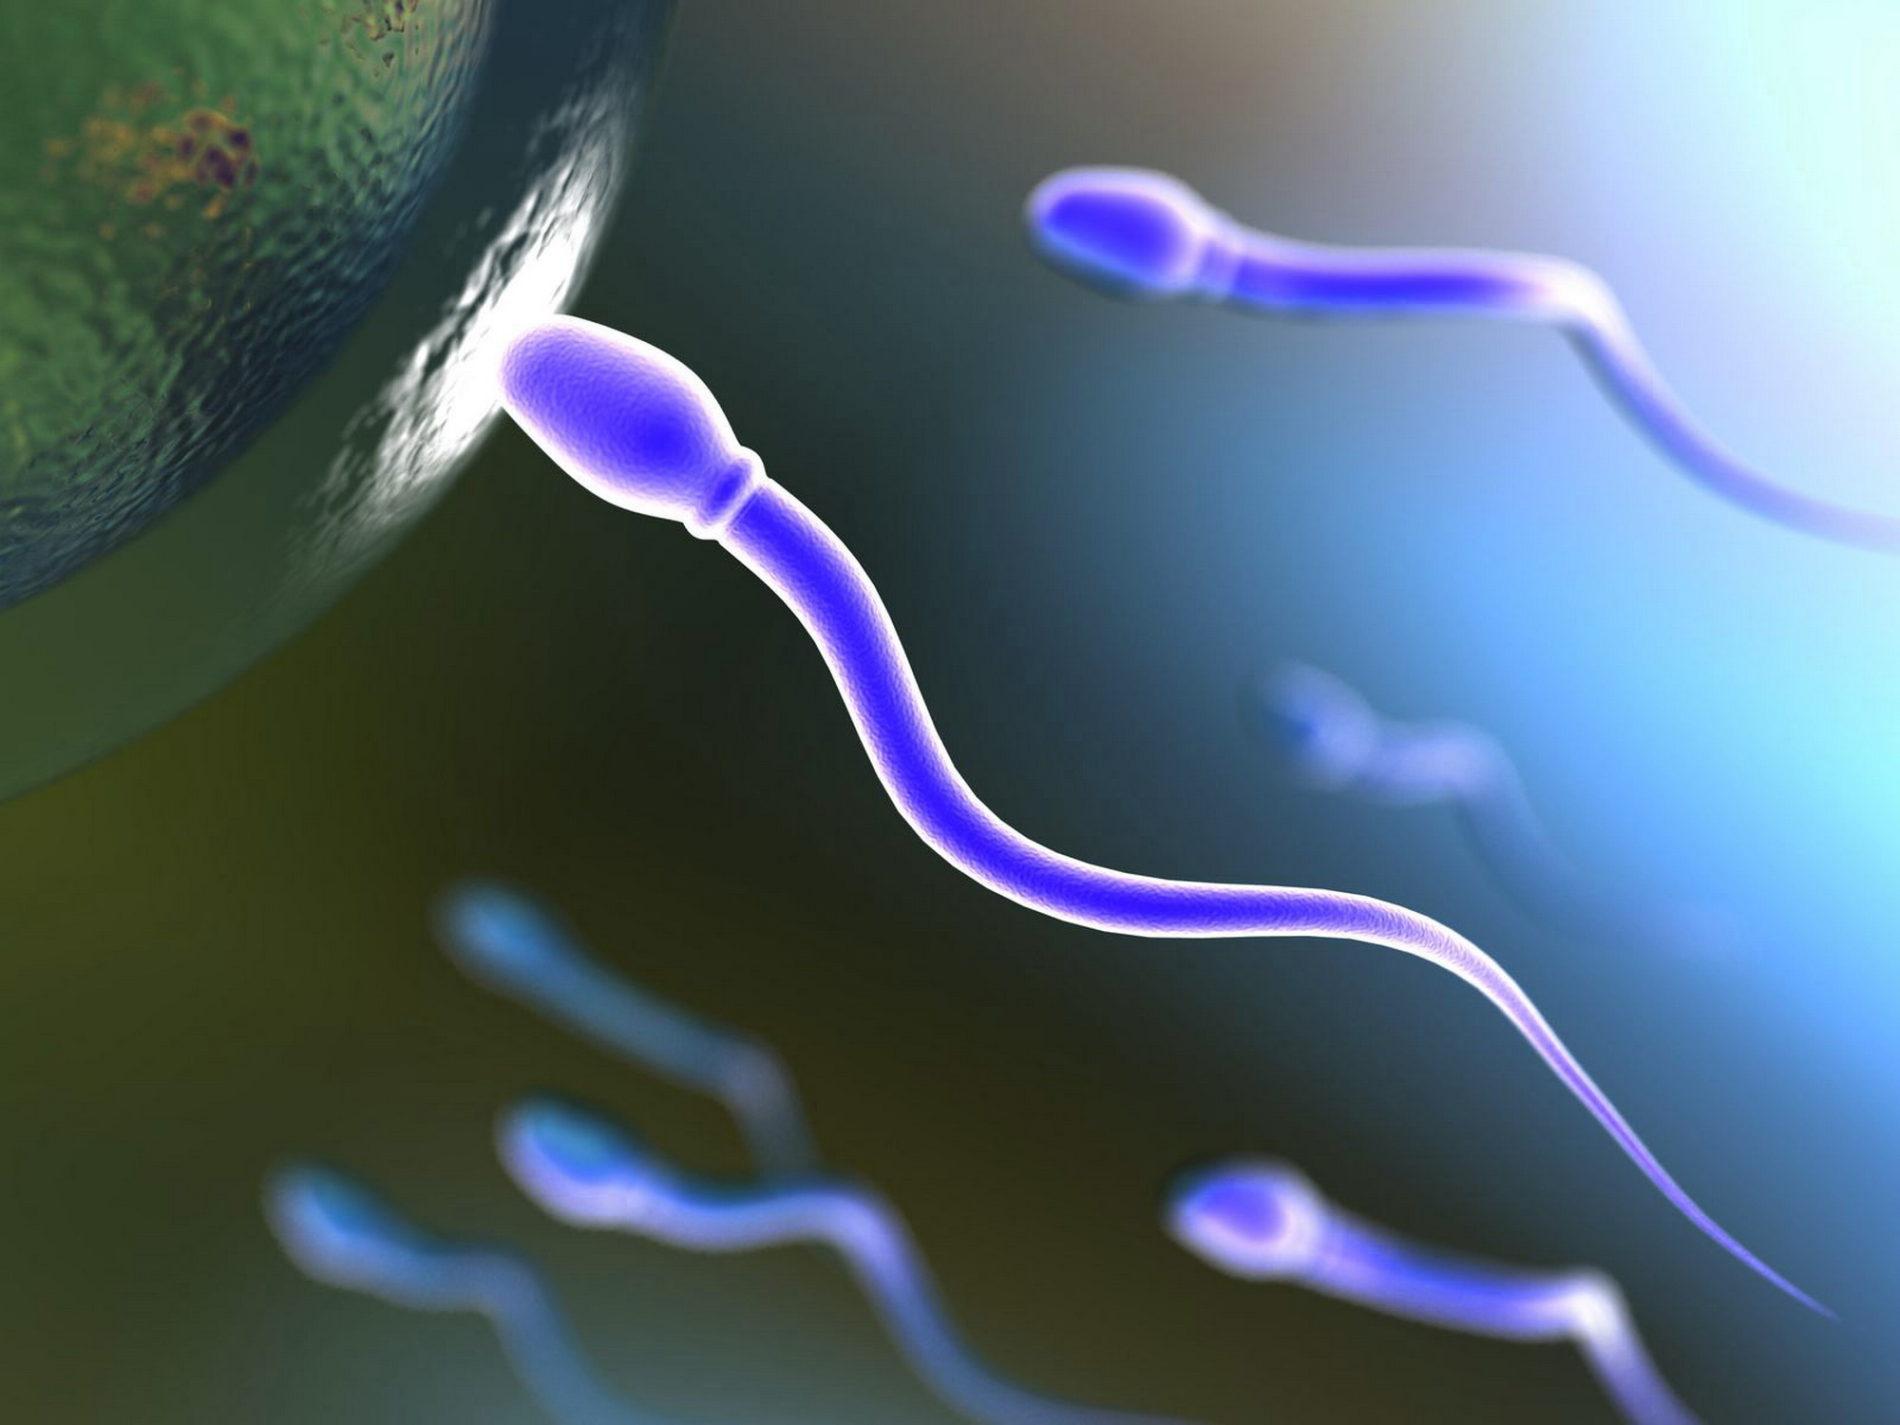 Paternita' a Rischio – Sigarette Tossiche per gli Spermatozoi